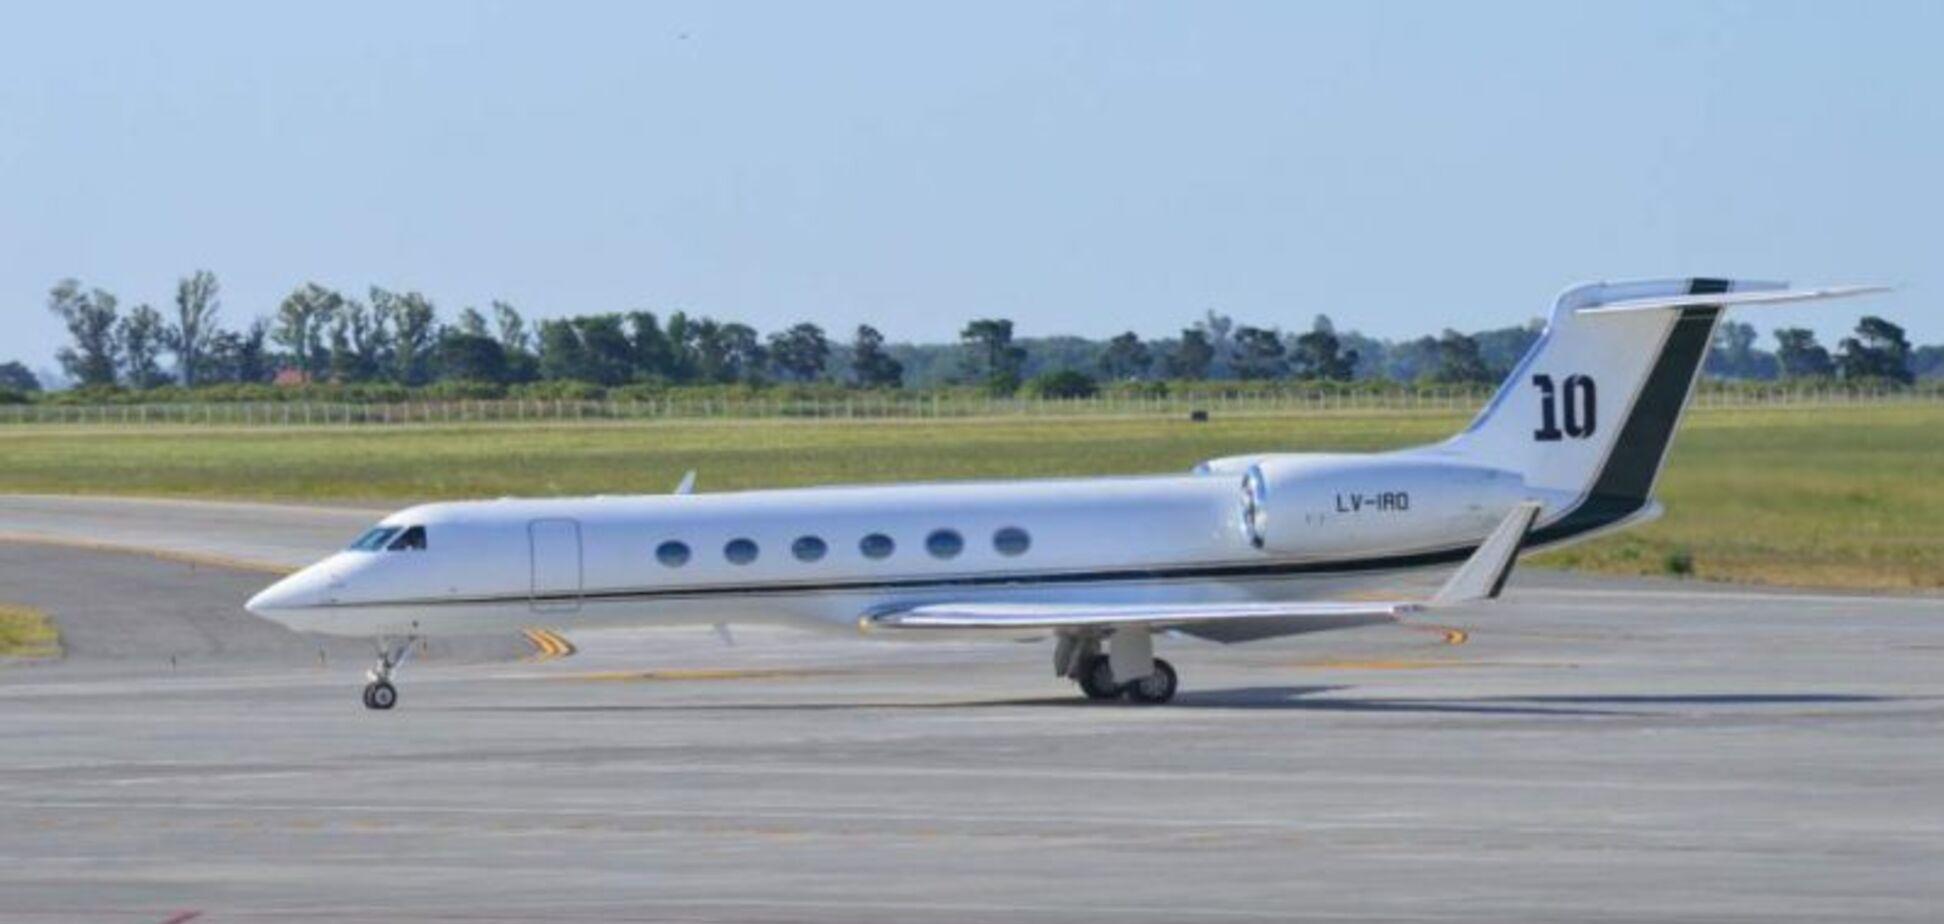 Отказ: у самолета Месси возникли проблемы в полете